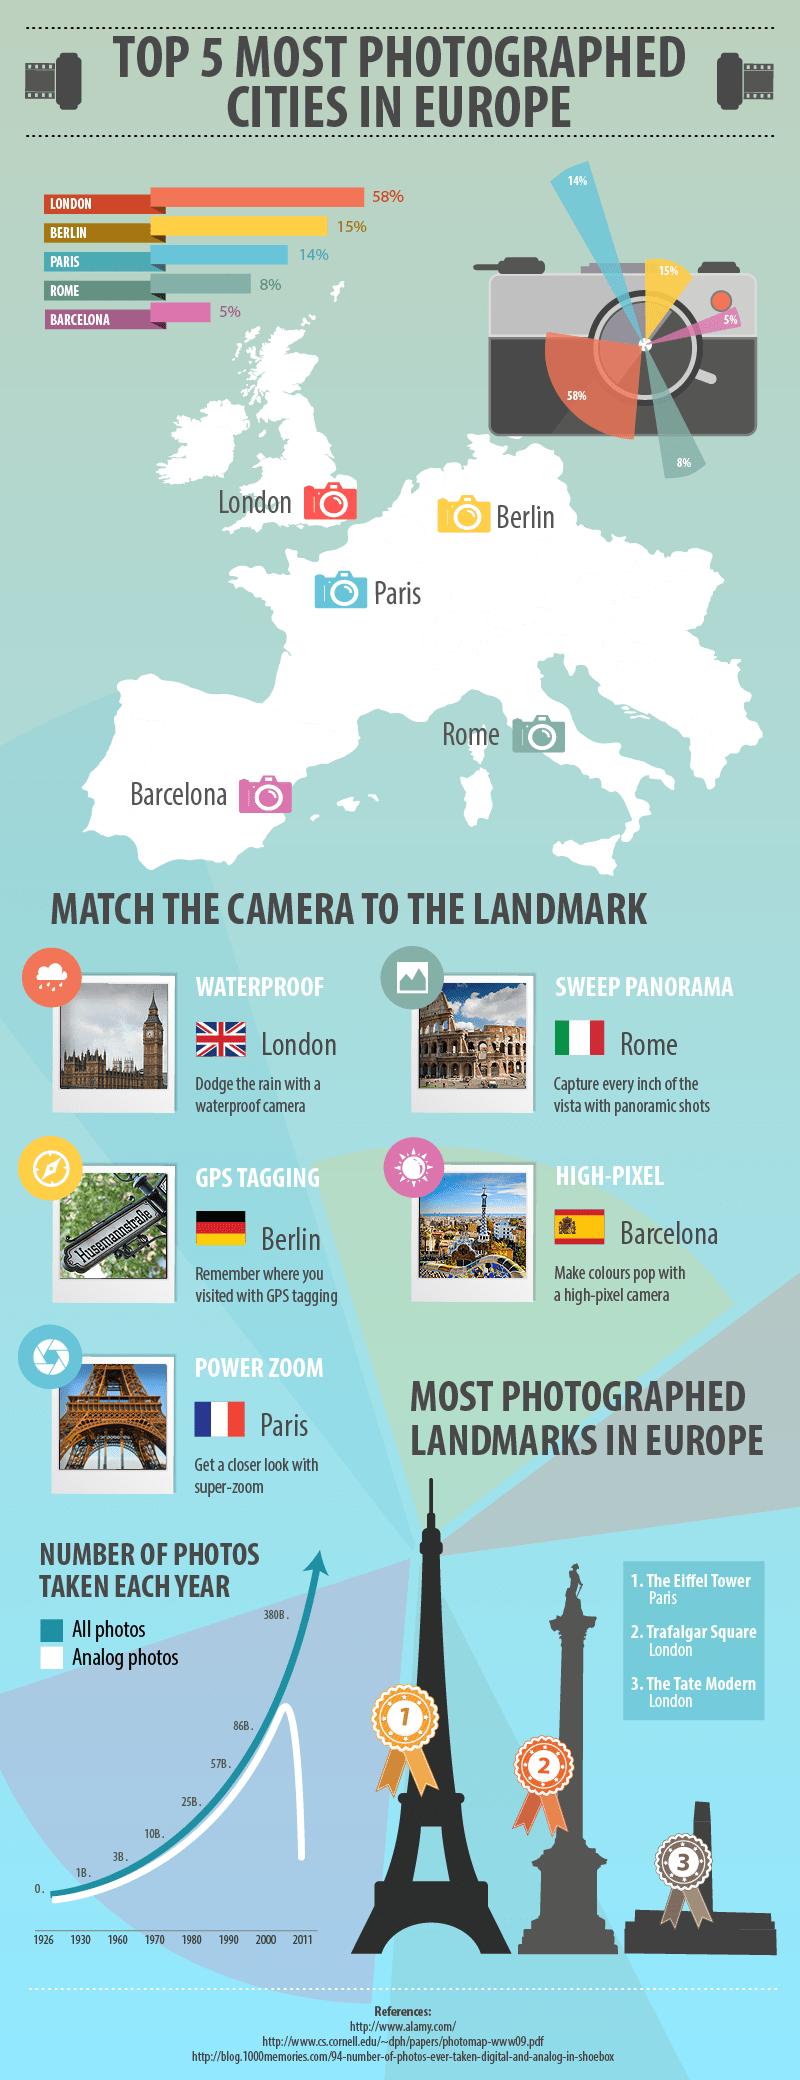 las 5 ciudades más fotografiadas de Europa